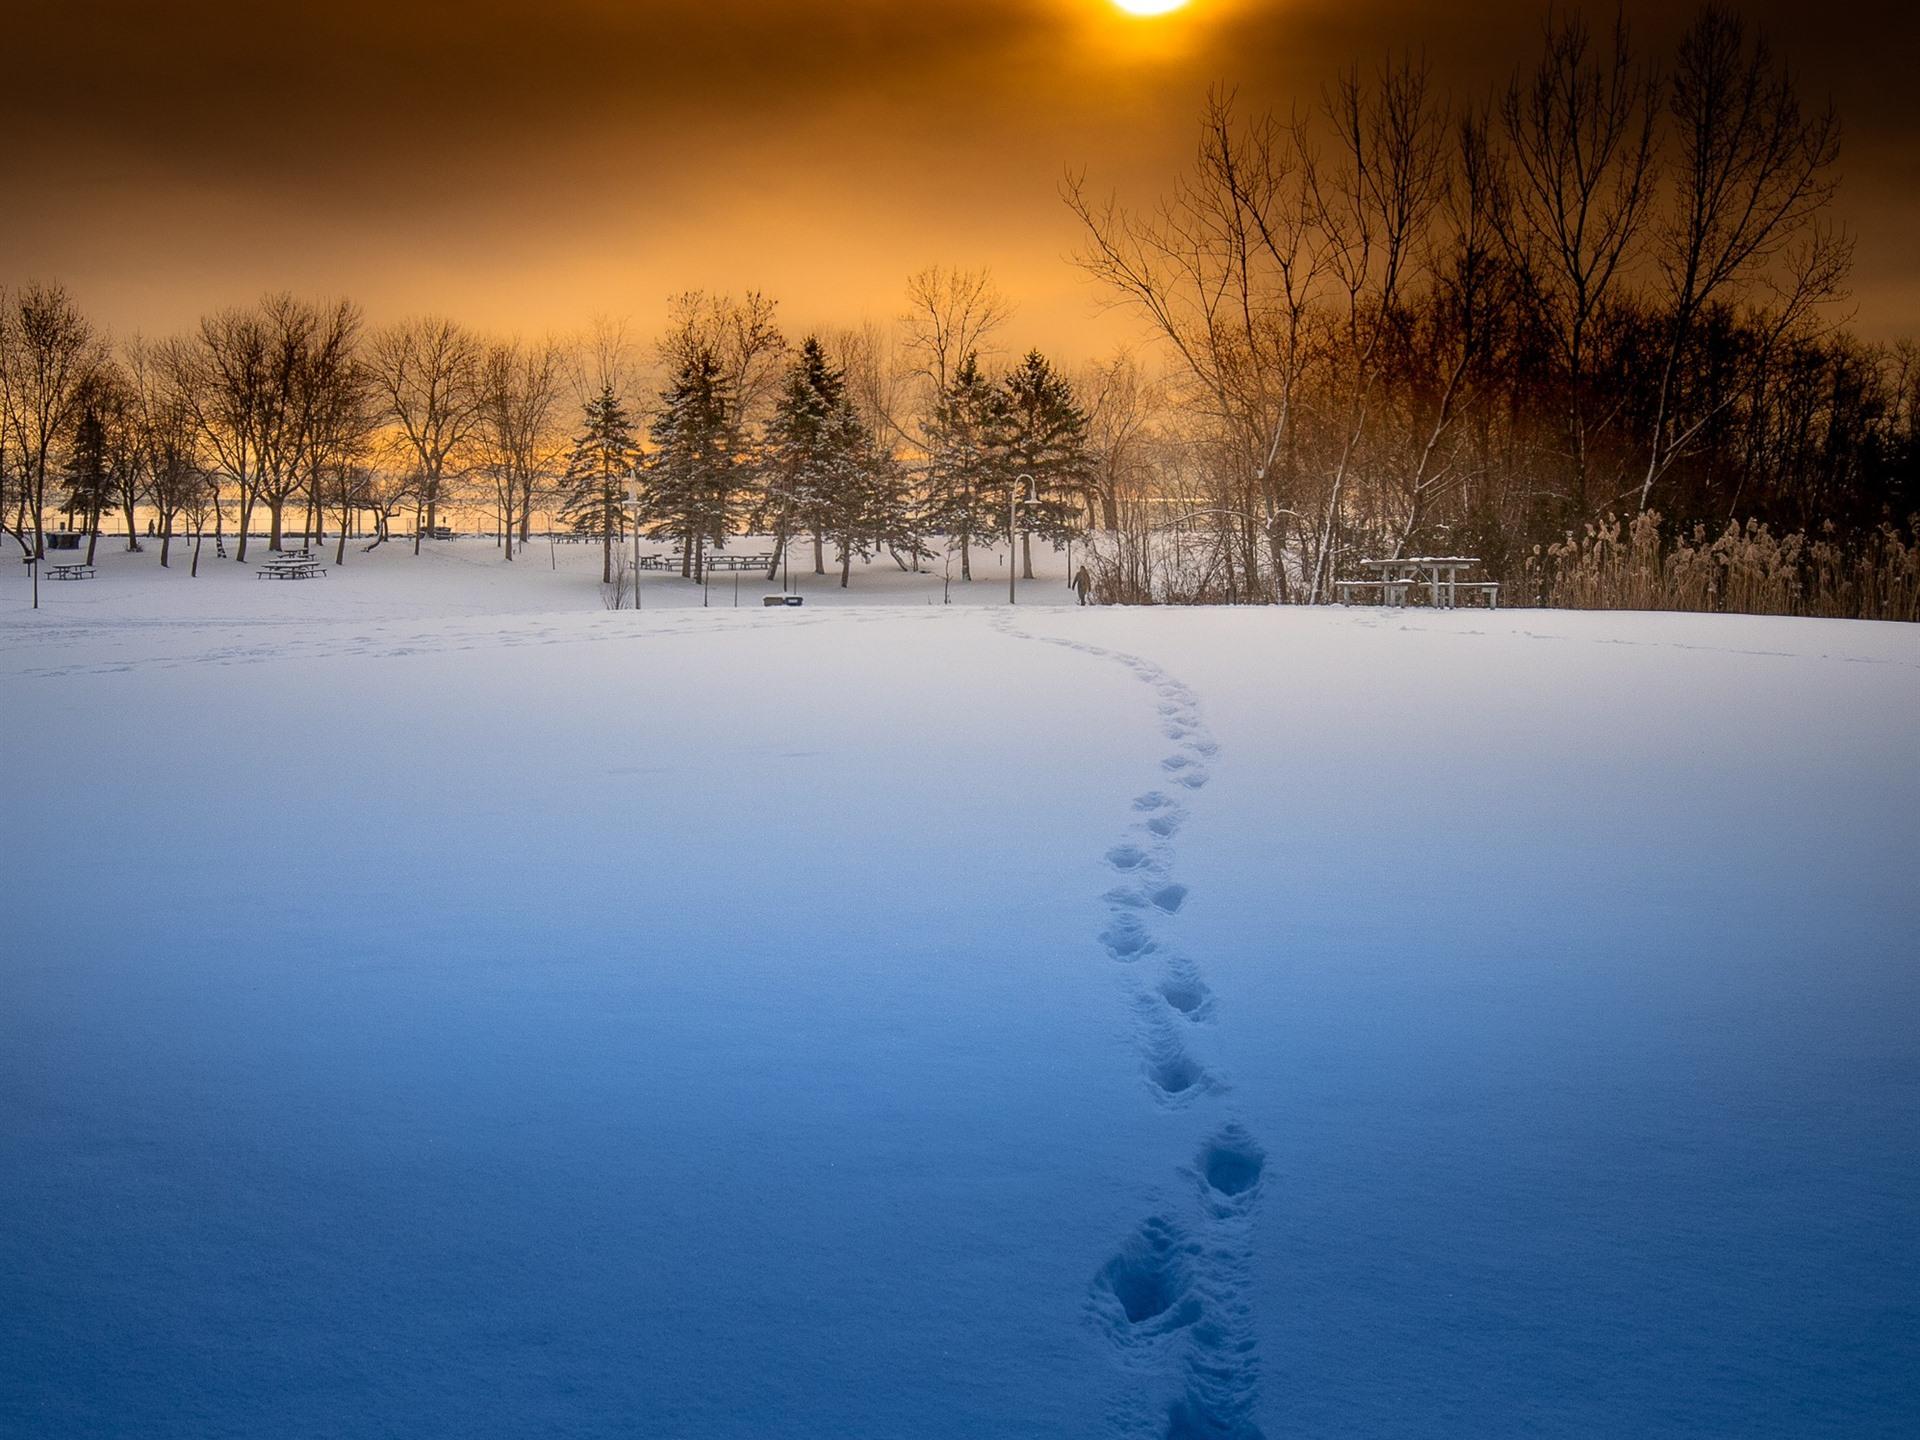 壁紙 冬 日没 雪 木 美しい風景 1920x1440 Hd 無料のデスクトップ